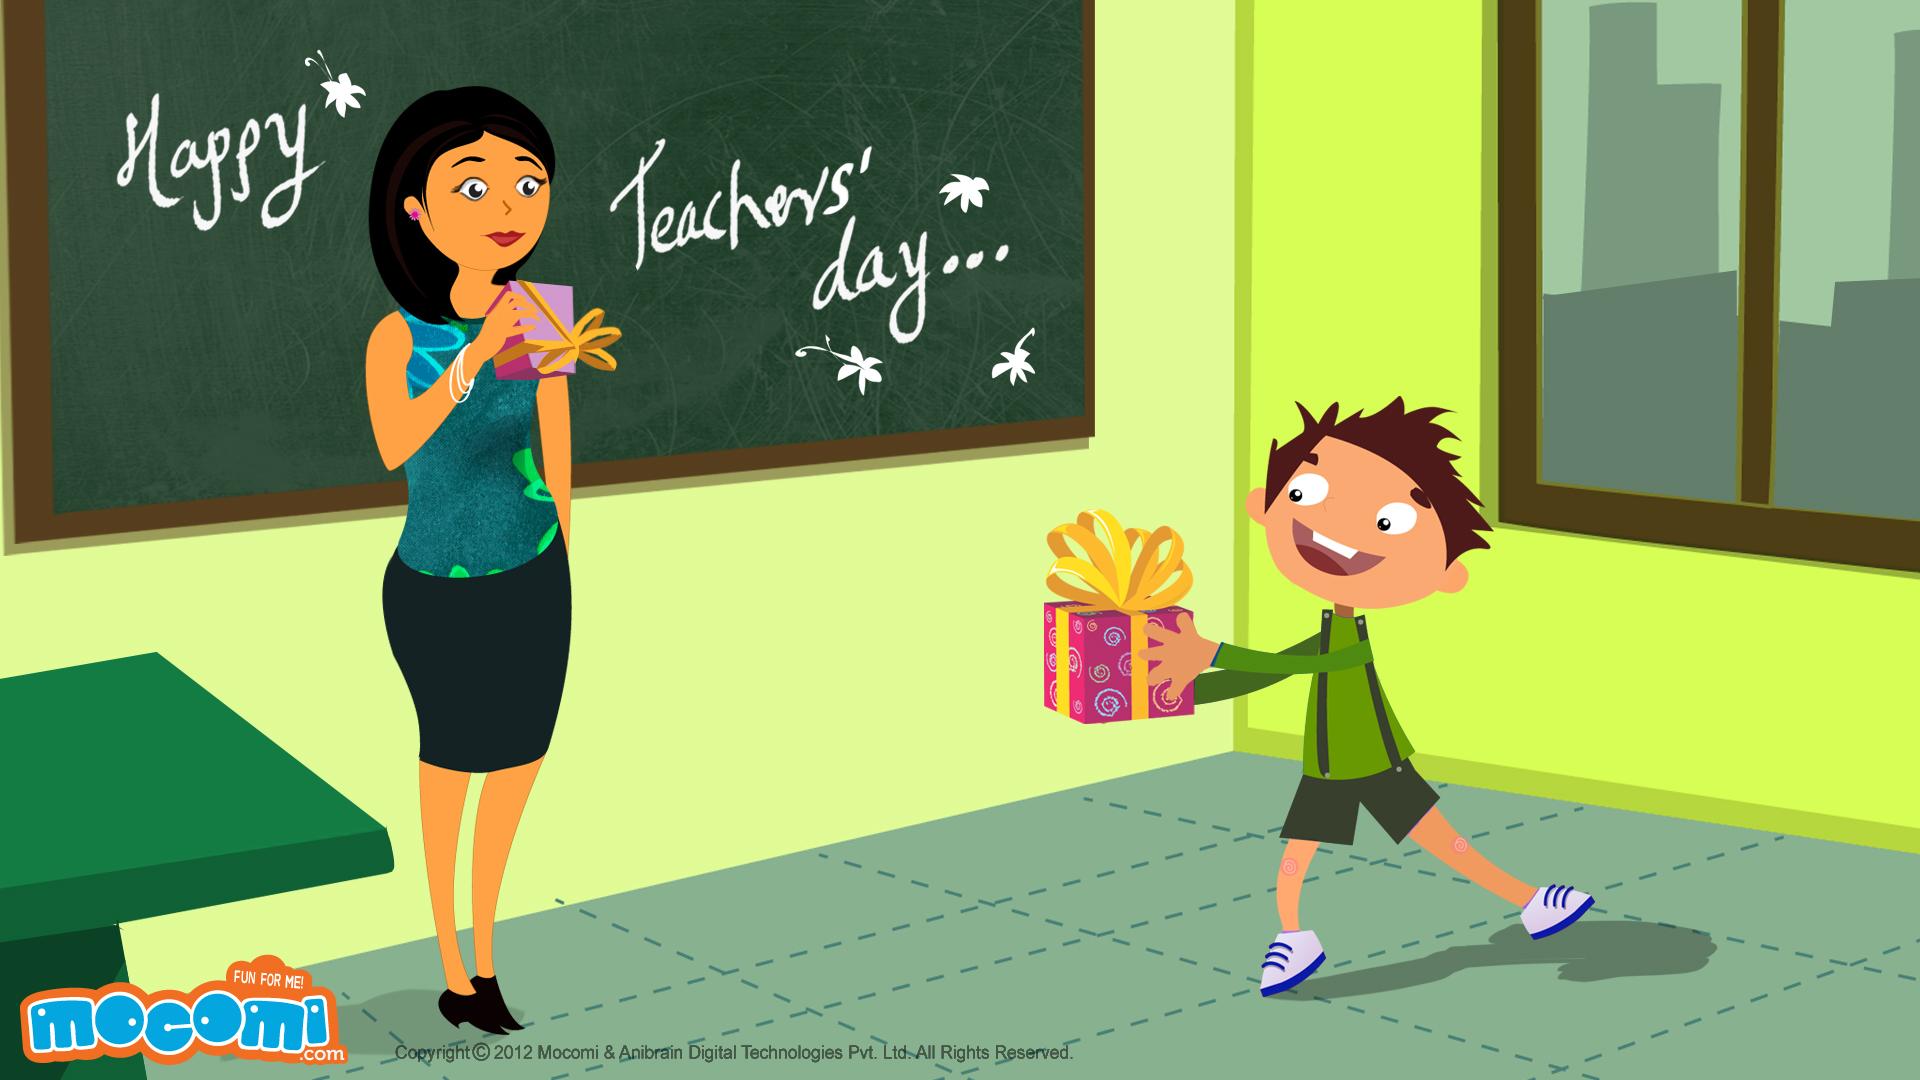 Happy Teachers' Day! 05